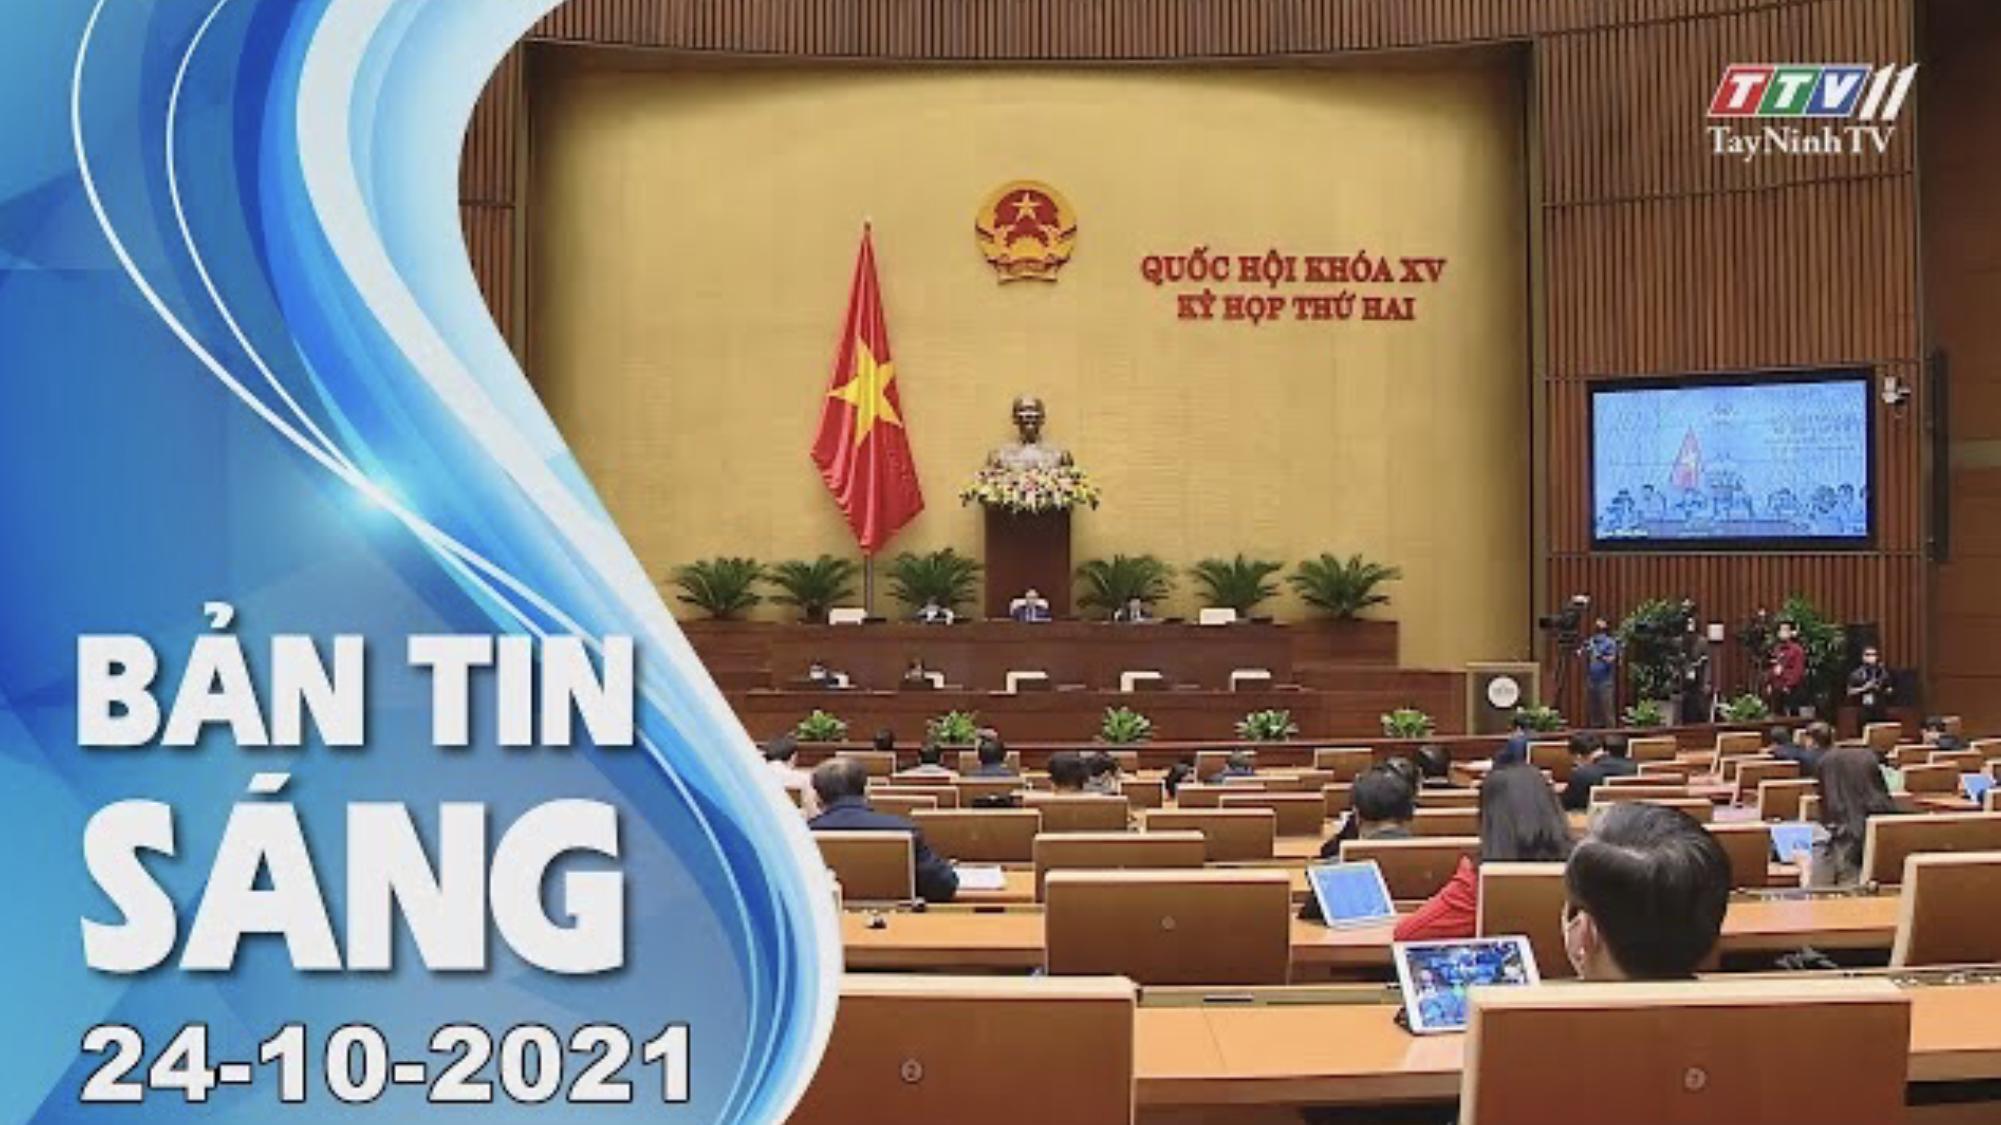 BẢN TIN SÁNG 24/10/2021 | Tin tức hôm nay | TayNinhTV